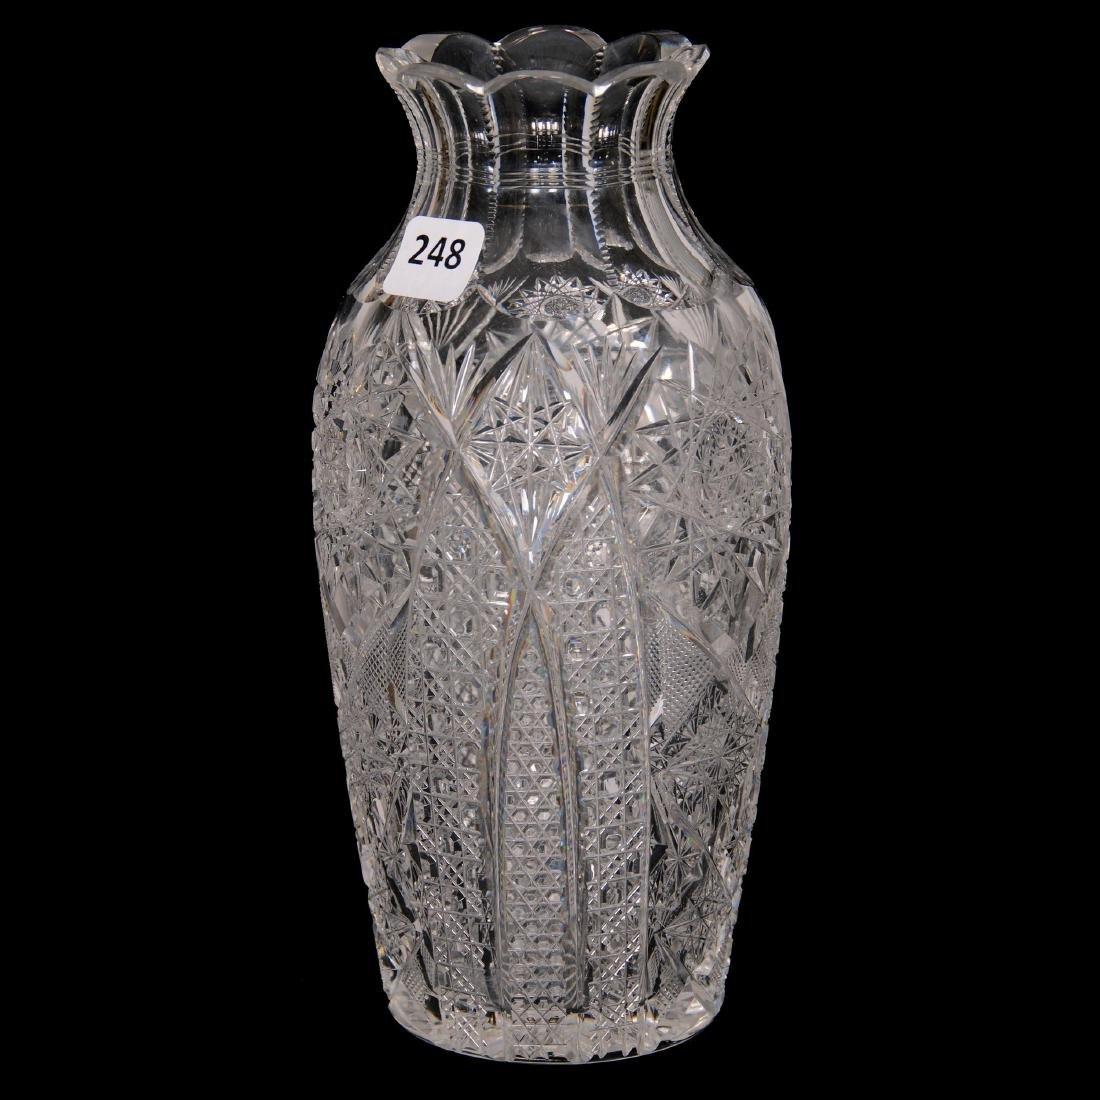 Vase - ABCG